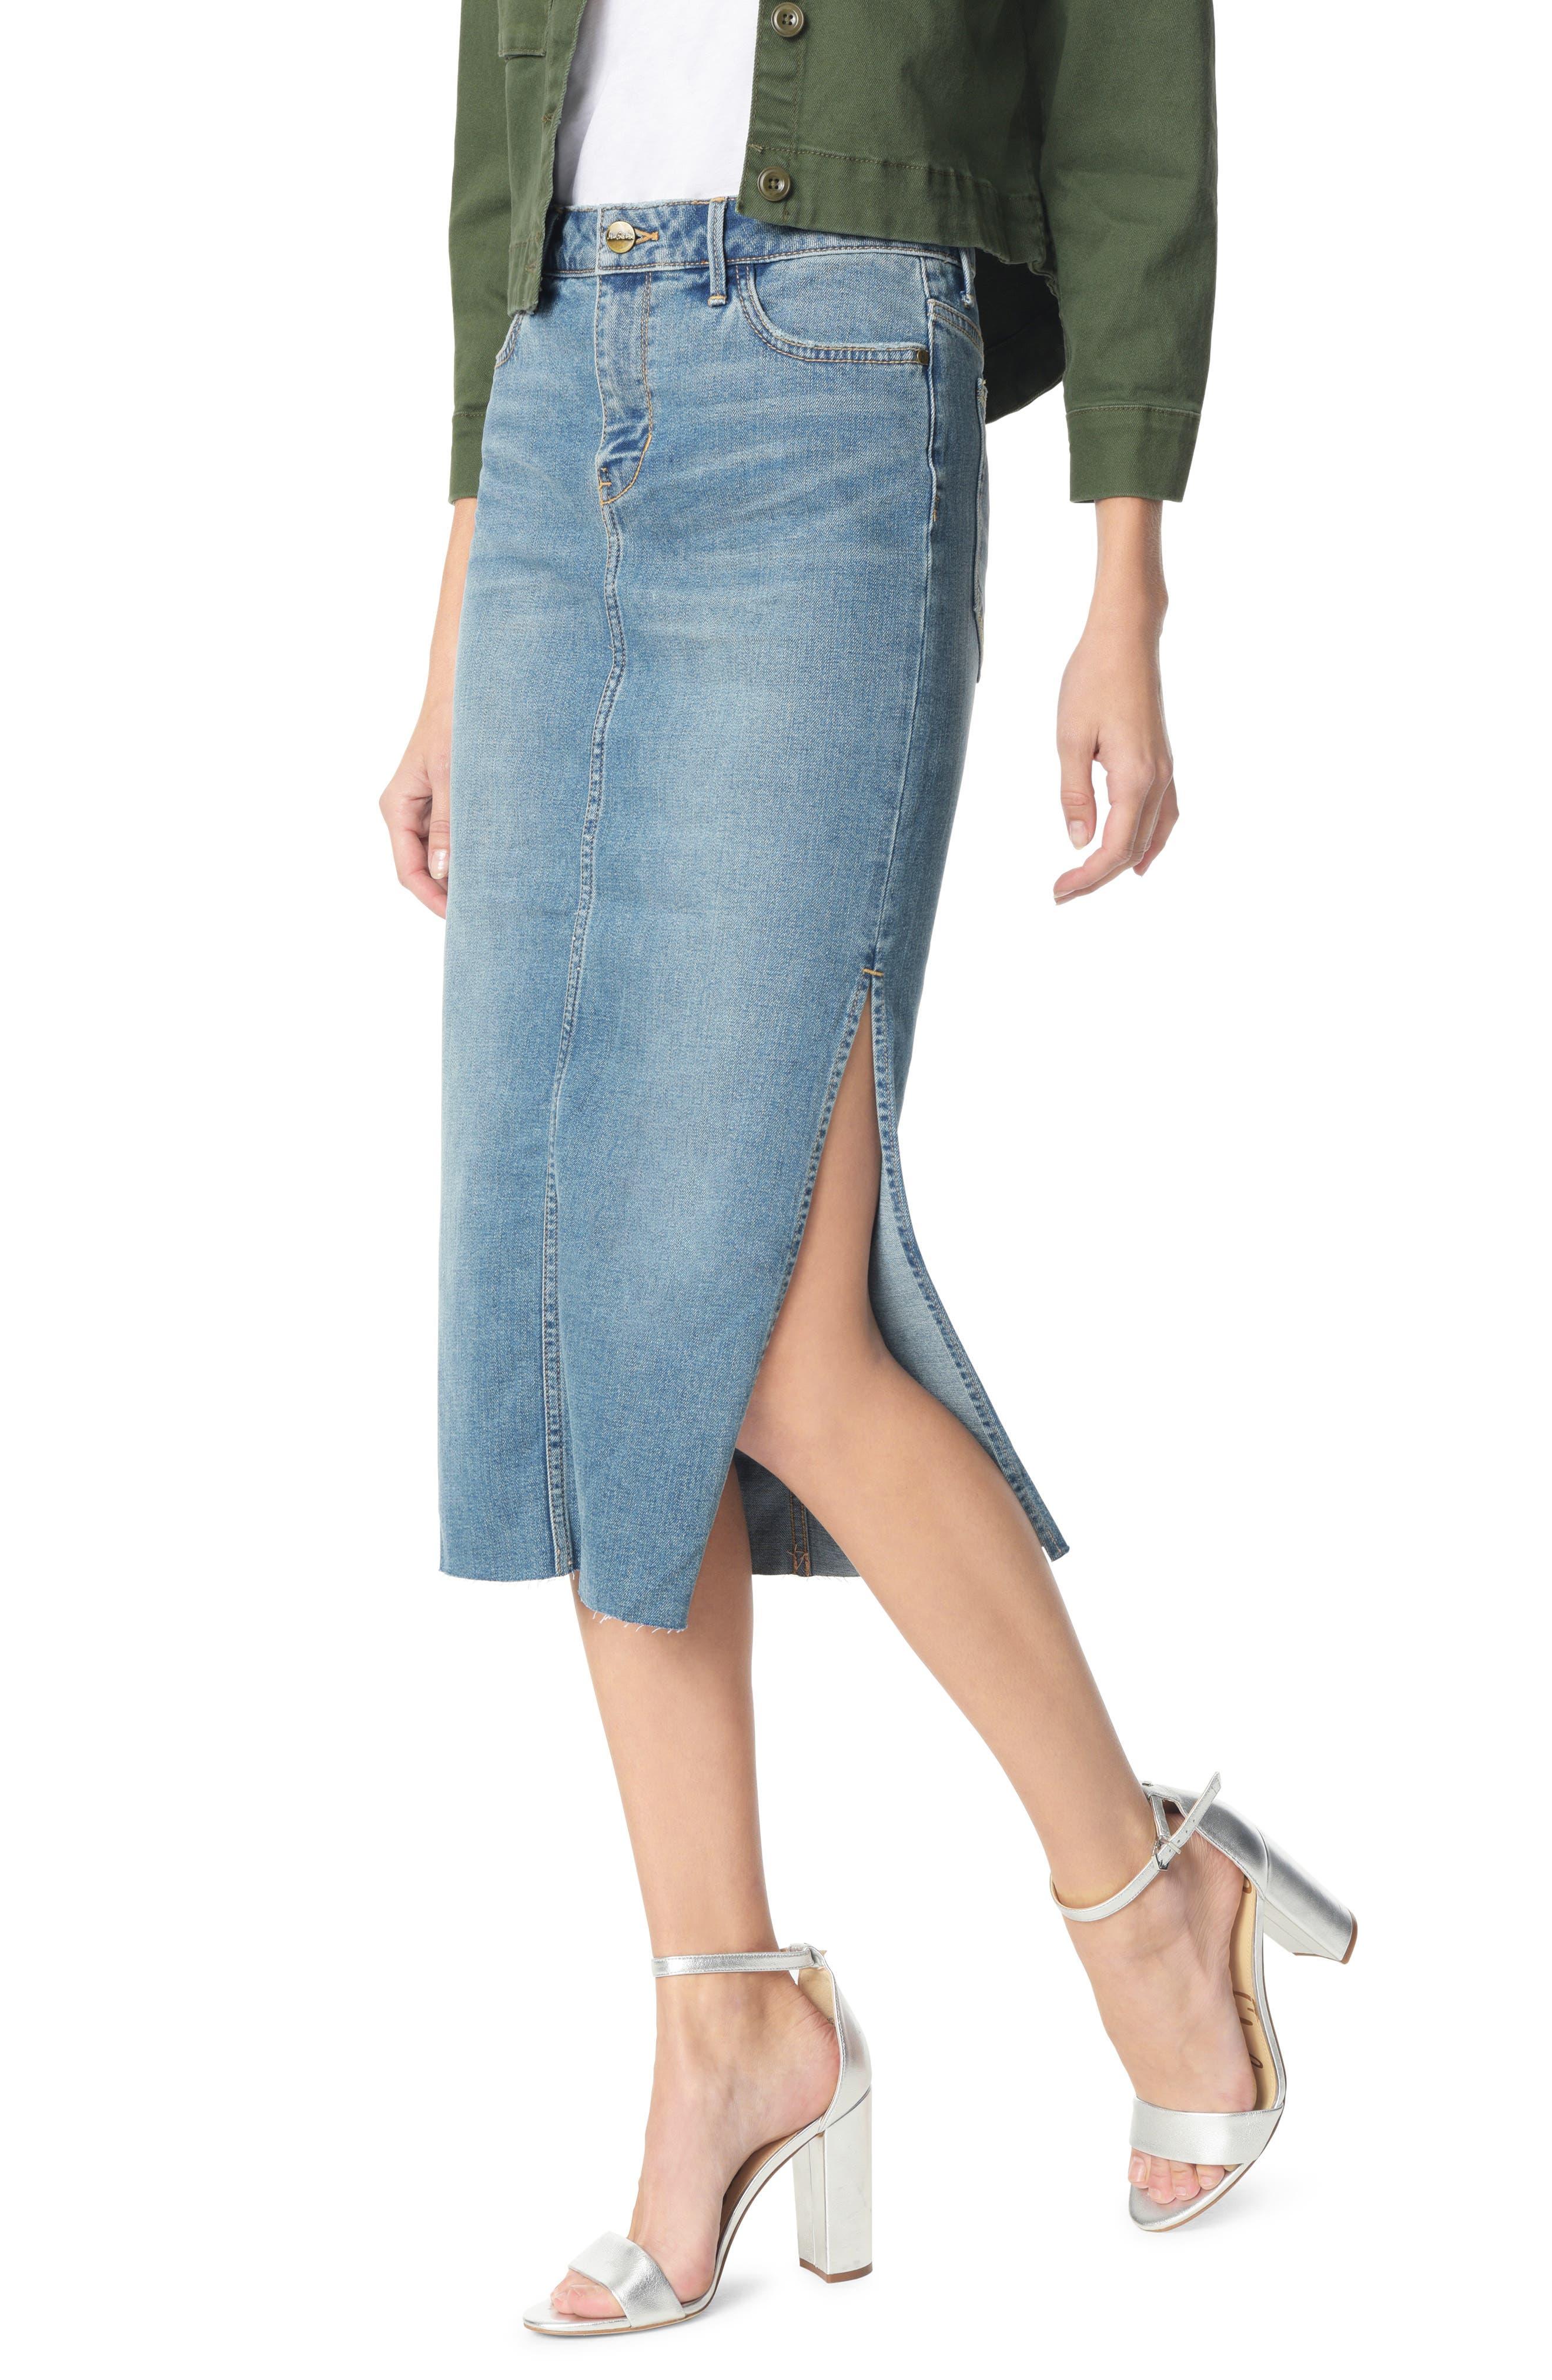 SAM EDELMAN The Maribelle Mid Rise Denim Skirt, Main, color, 421